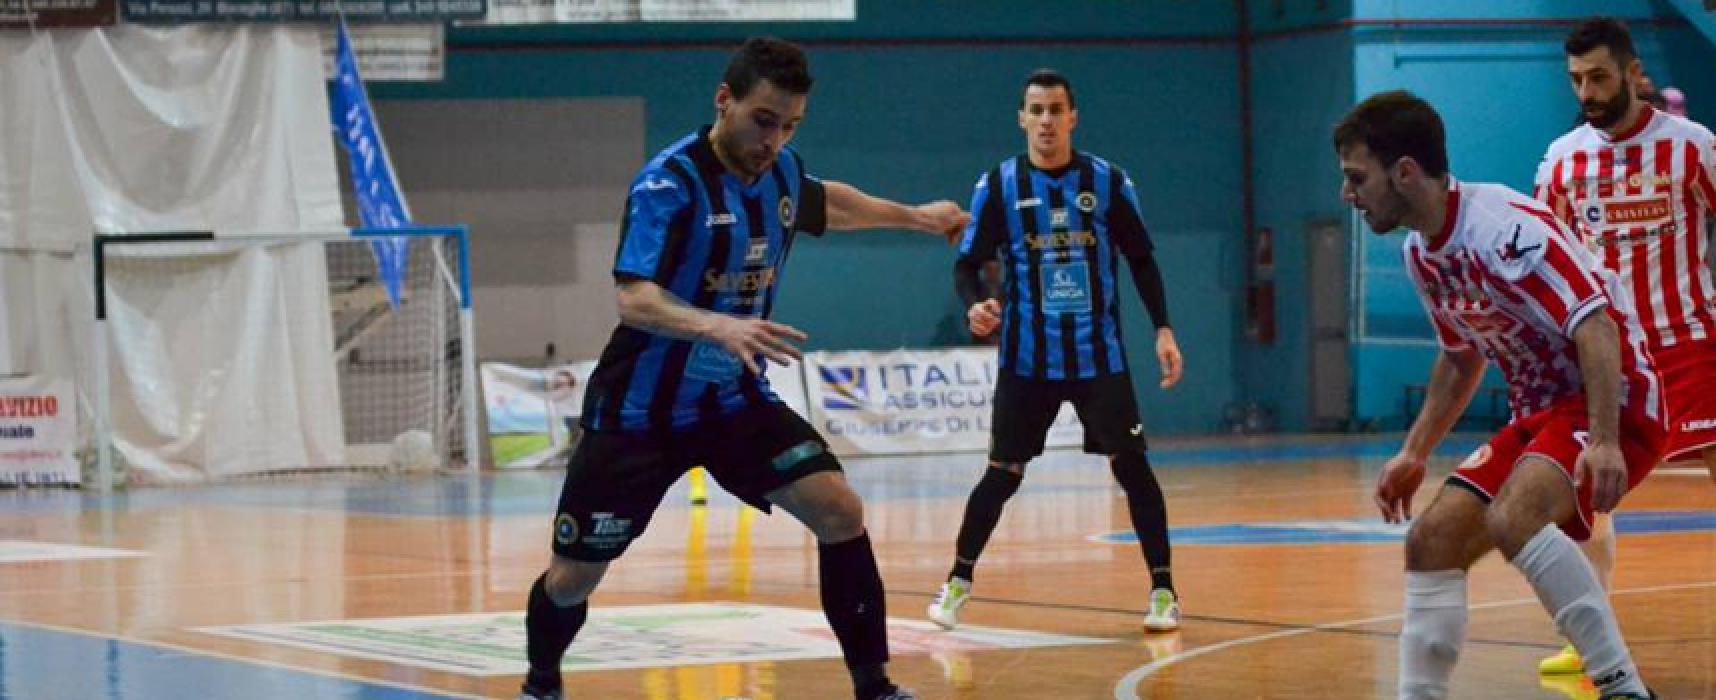 Futsal Bisceglie, Sicilia ancora indigesta. Il Meta si impone per 4-1